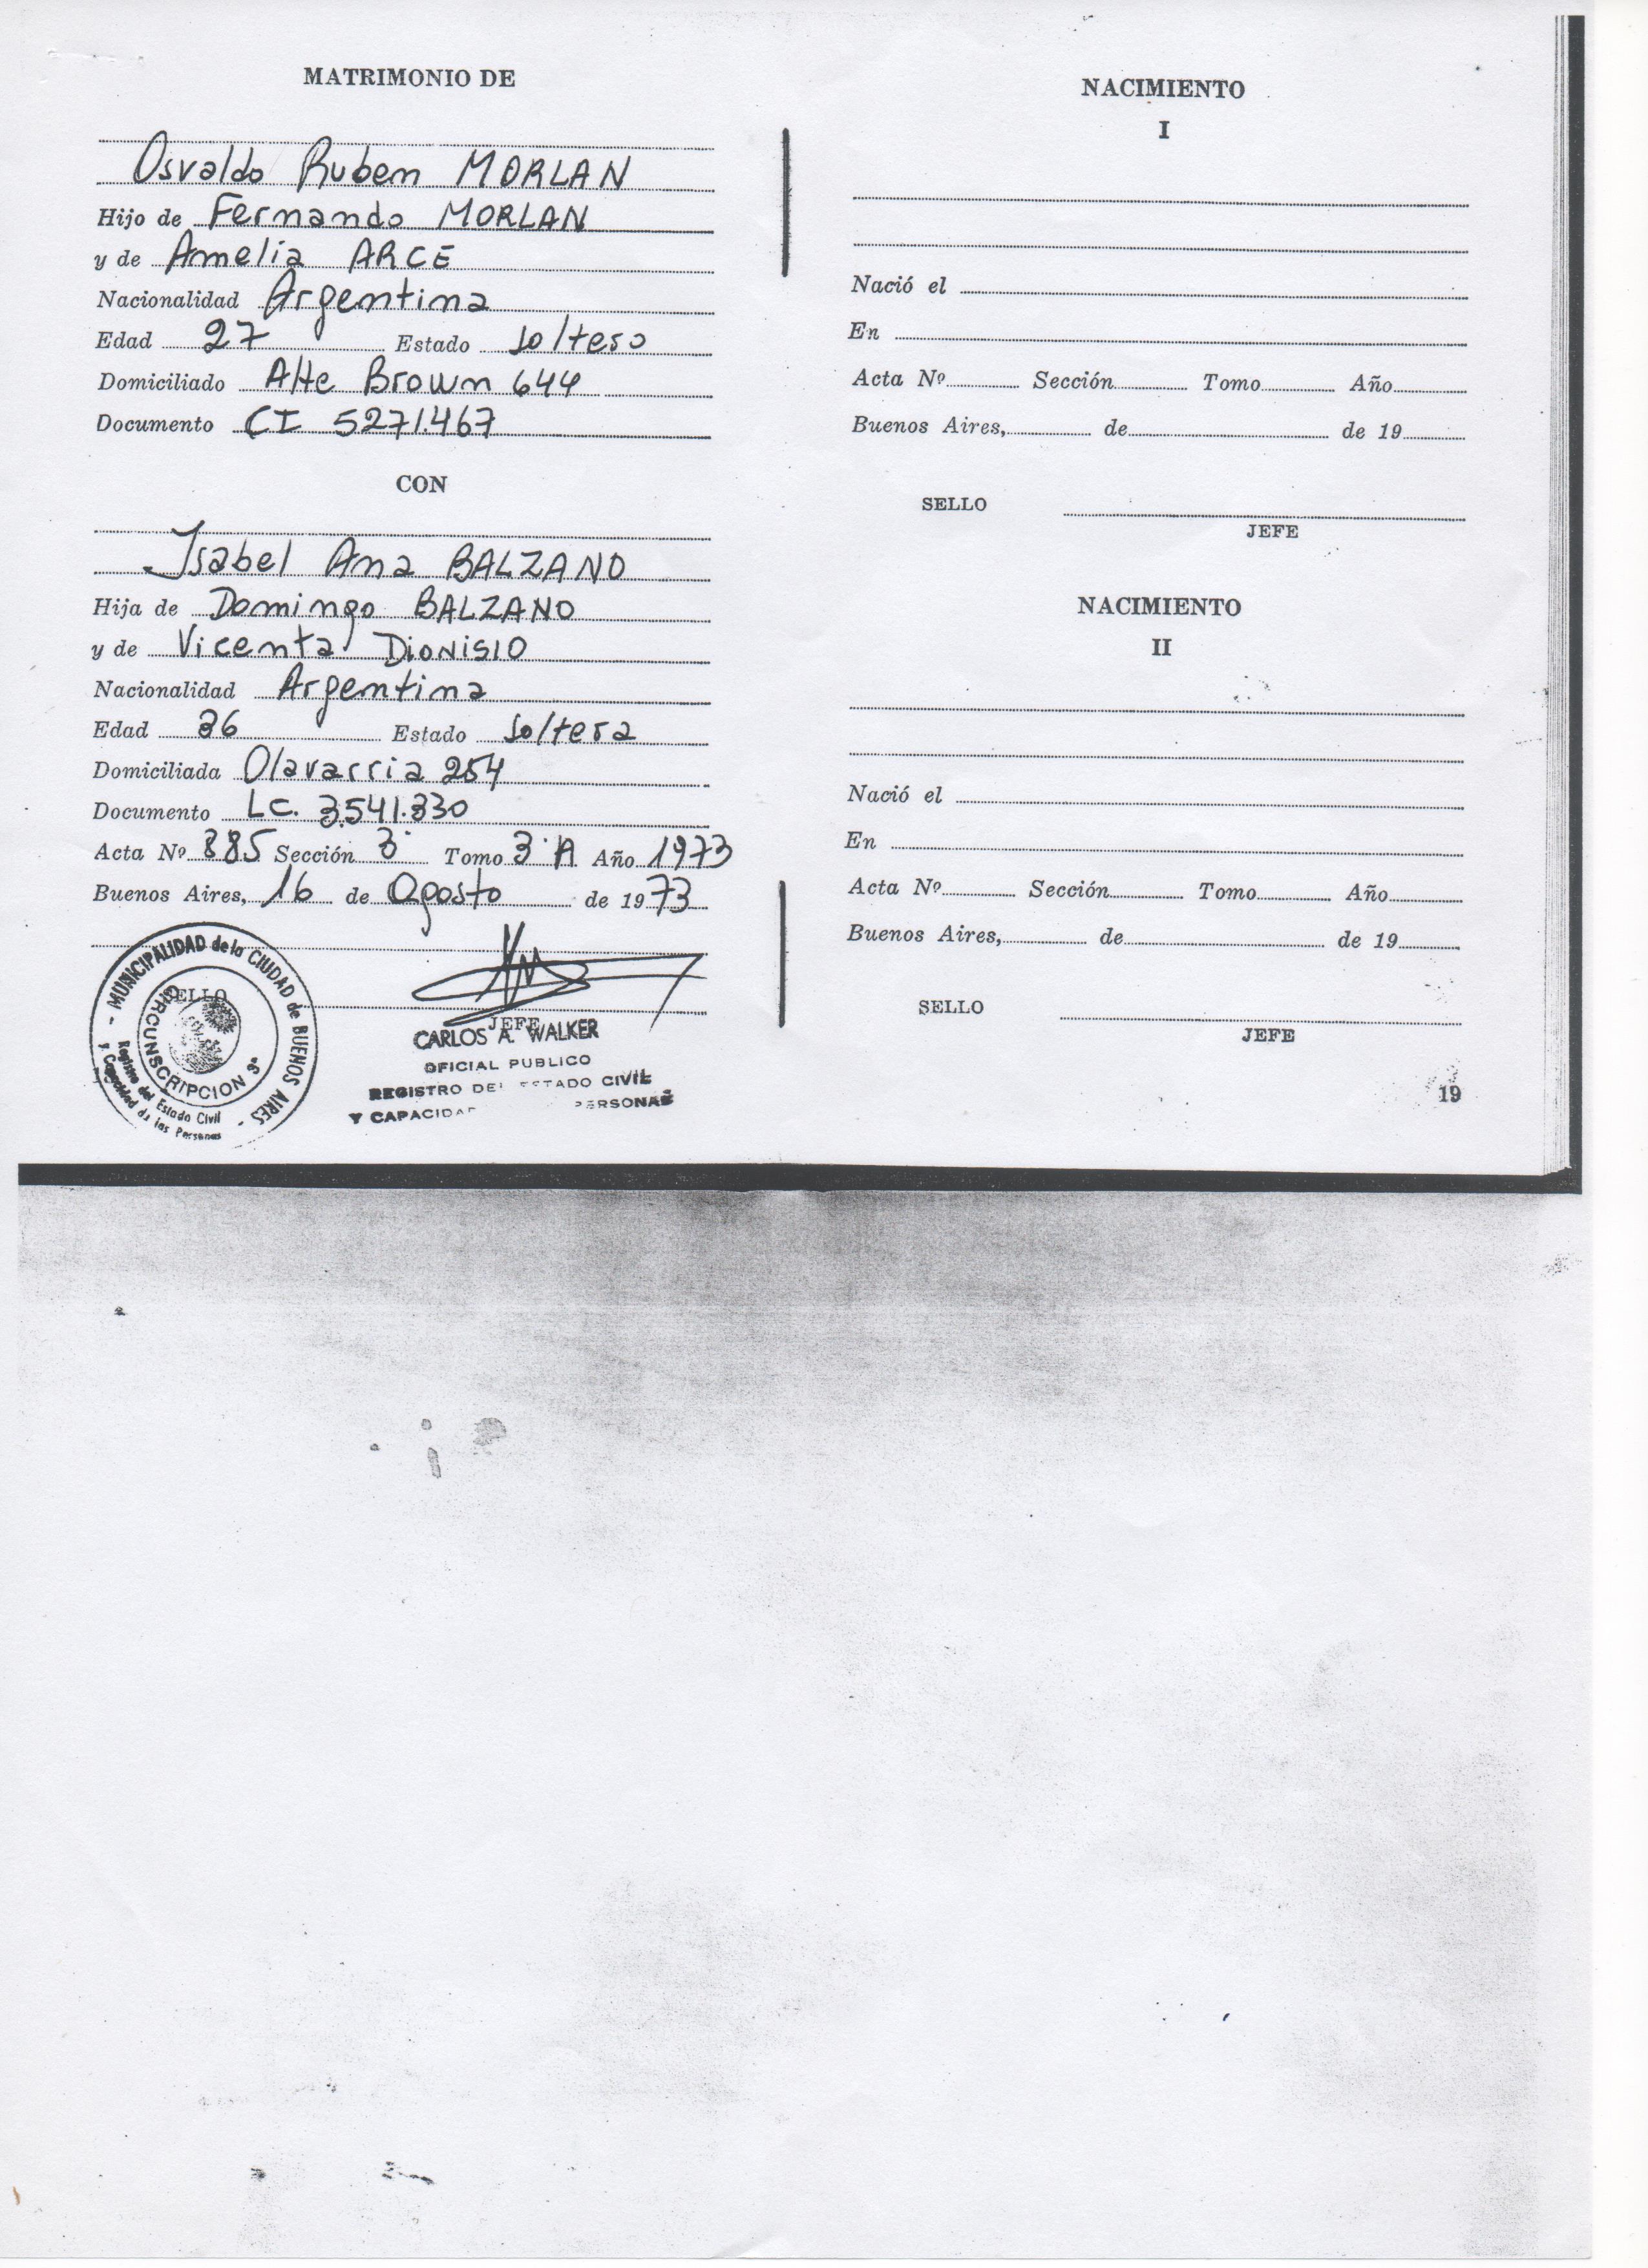 Documentación que acredite parentesco entre el solicitante y la persona a cuyo nombre se solicita el certificado (por ejemplo, acta de nacimiento del solicitante, acta de matrimonio, resolución de convivencia, etc ), sólo cuando el pariente NO tiene el mismo apellido que la Persona a cuyo nombre se solicita el certificado.